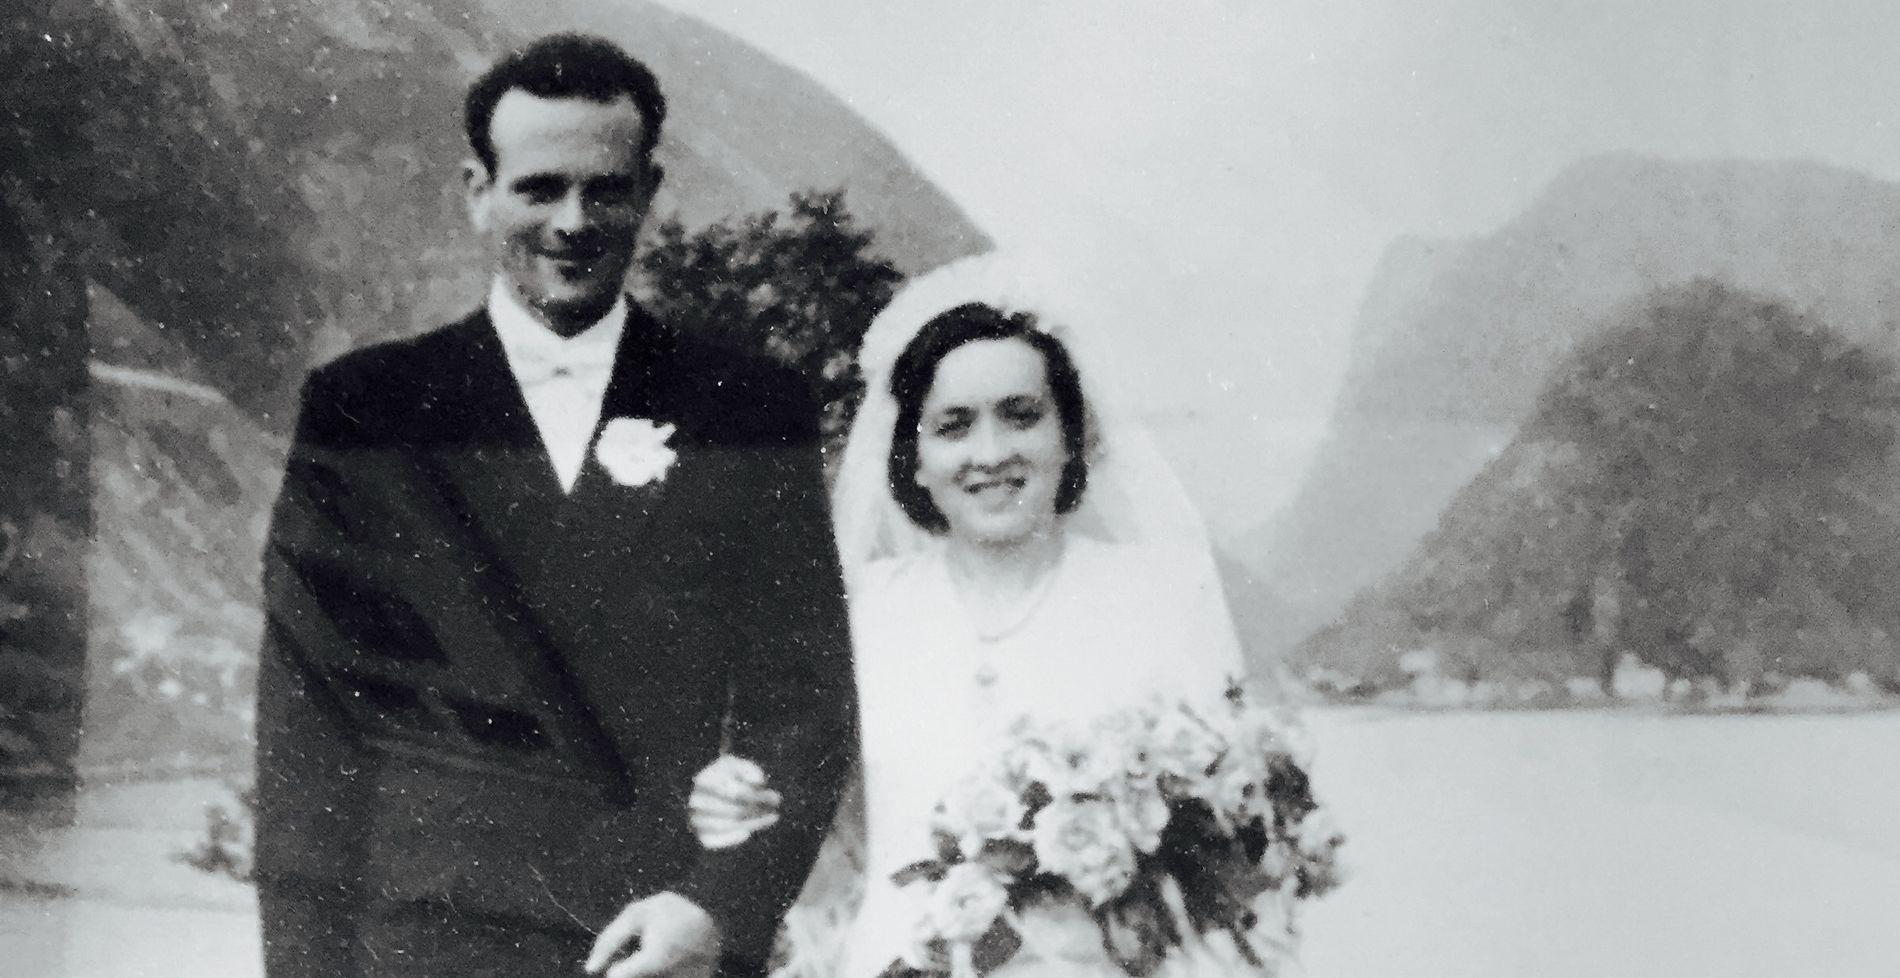 GIFT TIL SLUTT: De giftet seg i 1950. Først over 60 år etter de traff hverandre, røpet hun hvordan de hadde møttes.